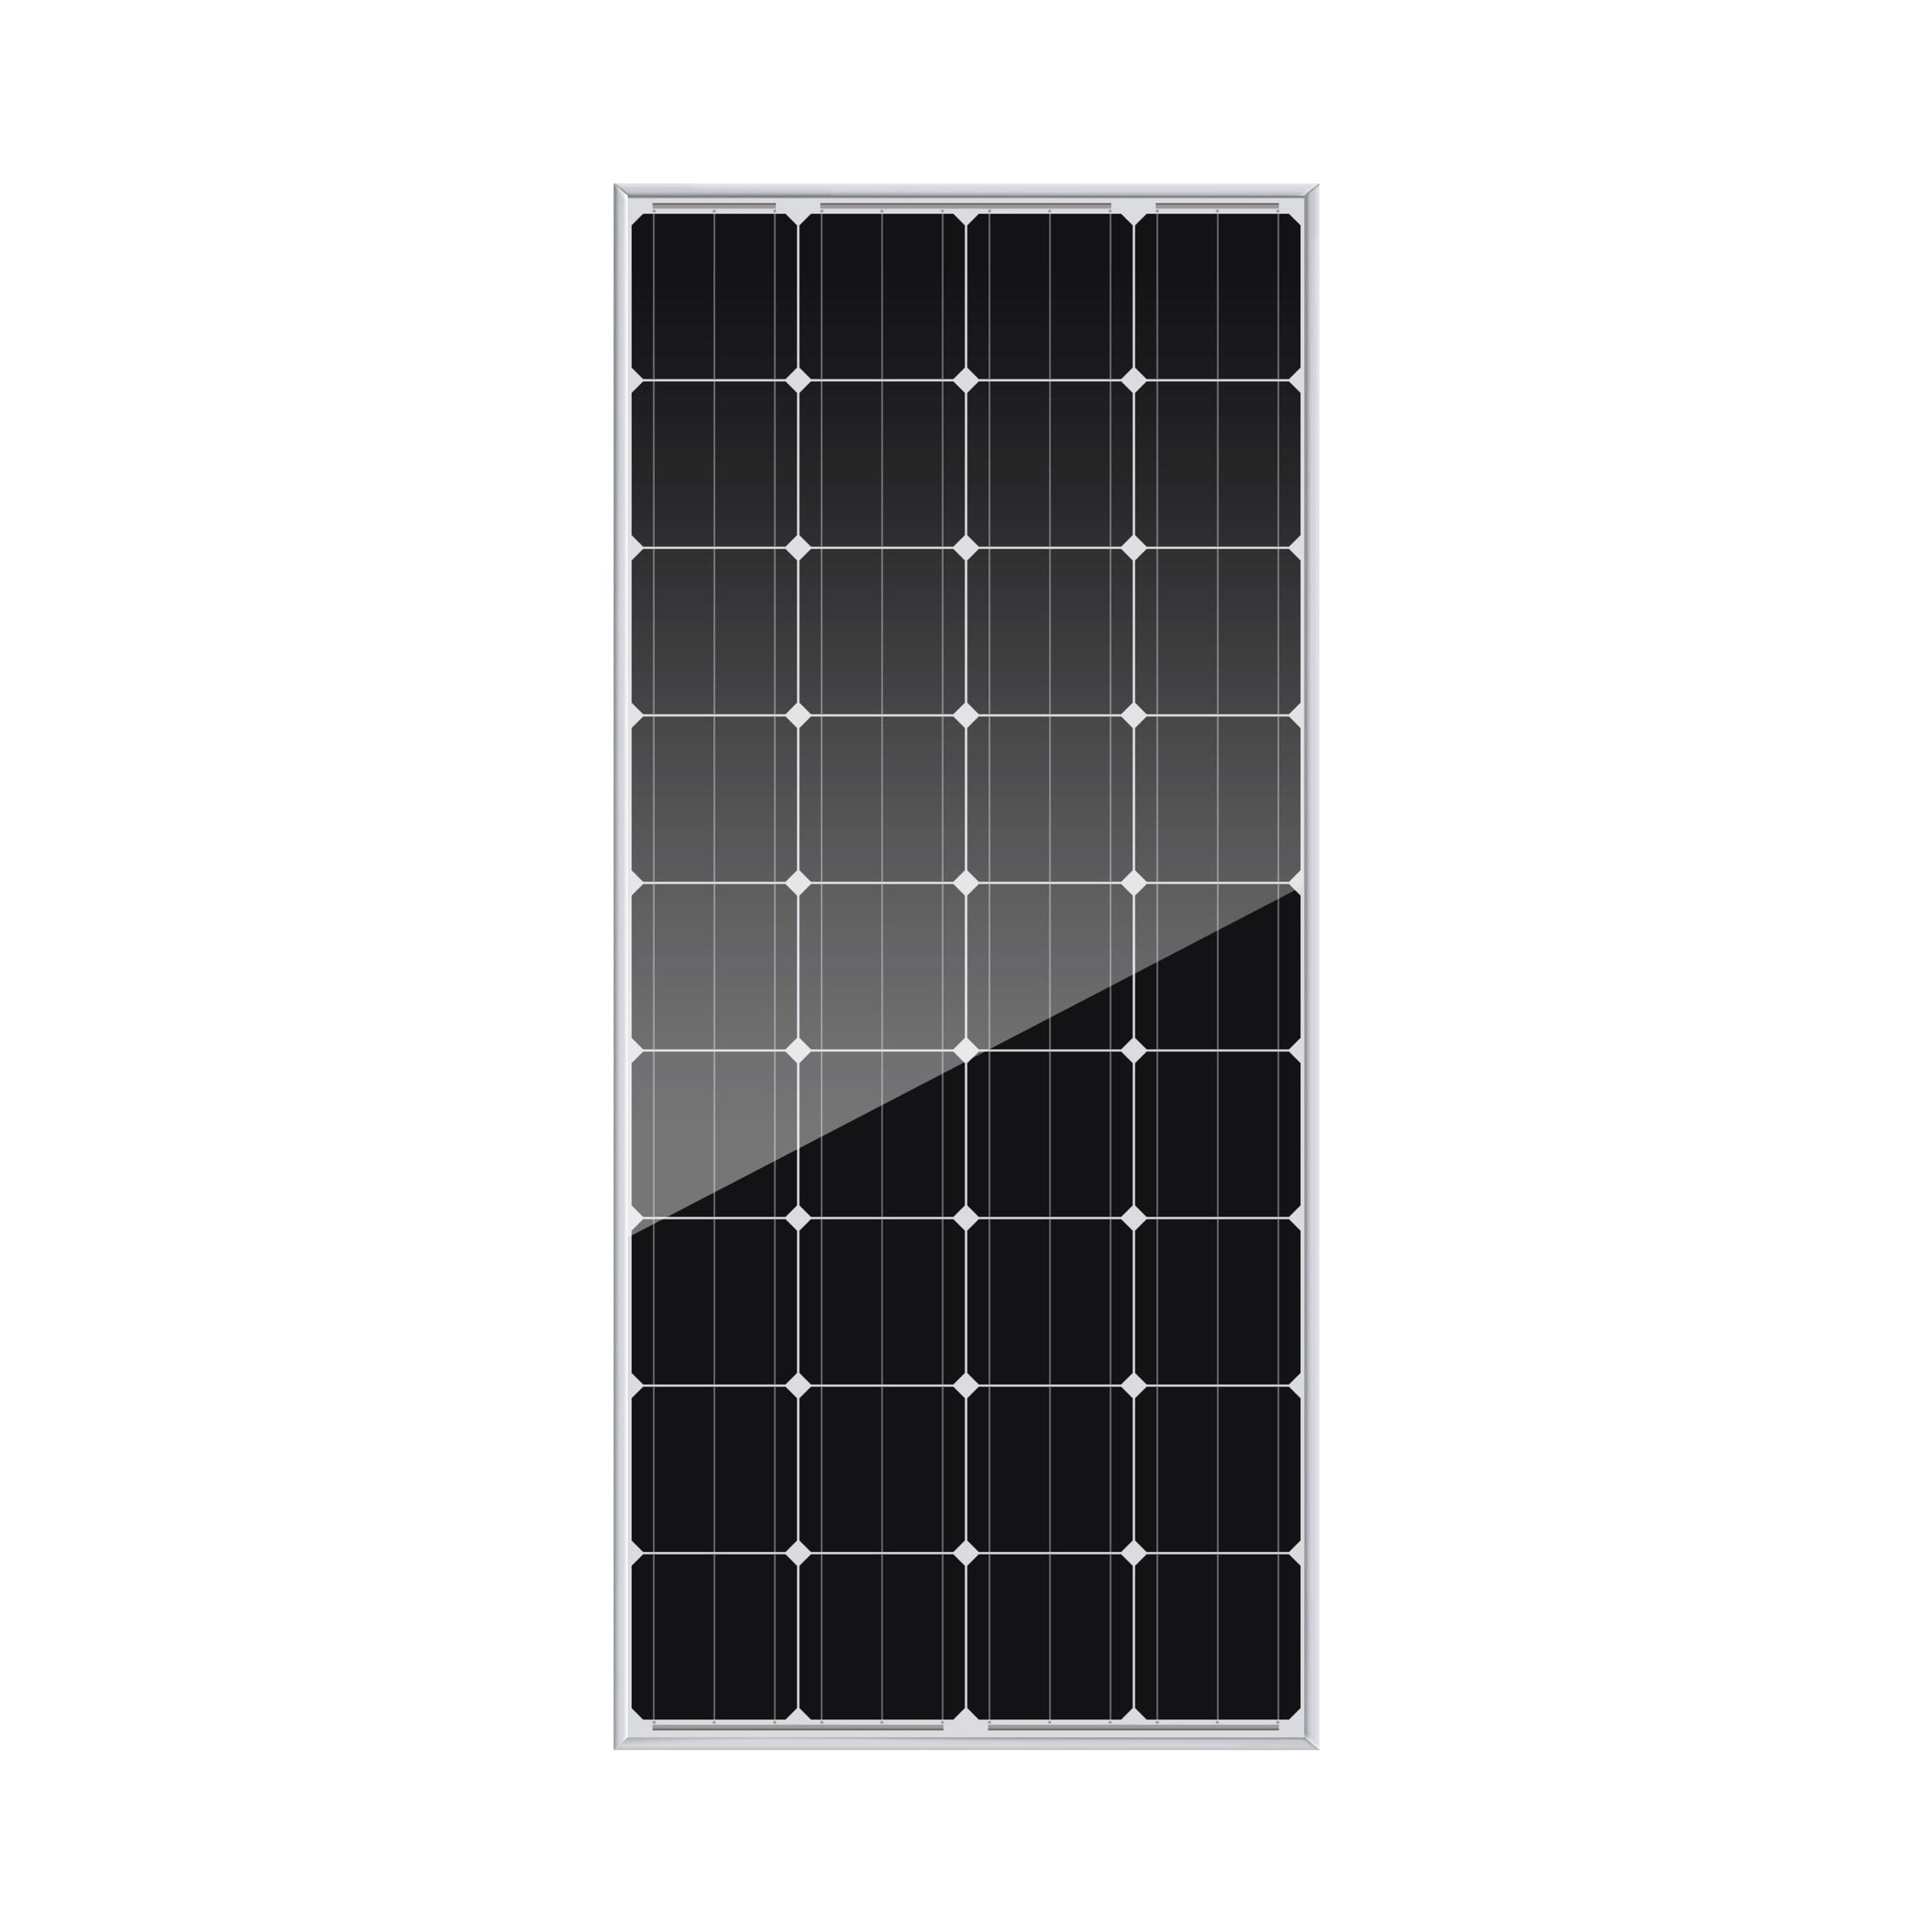 2020 Nhà Cung Cấp Trung Quốc 30 40 50 80 Watt Mono Tinh Thể Quang Điện Năng Lượng Mặt Trời Panel